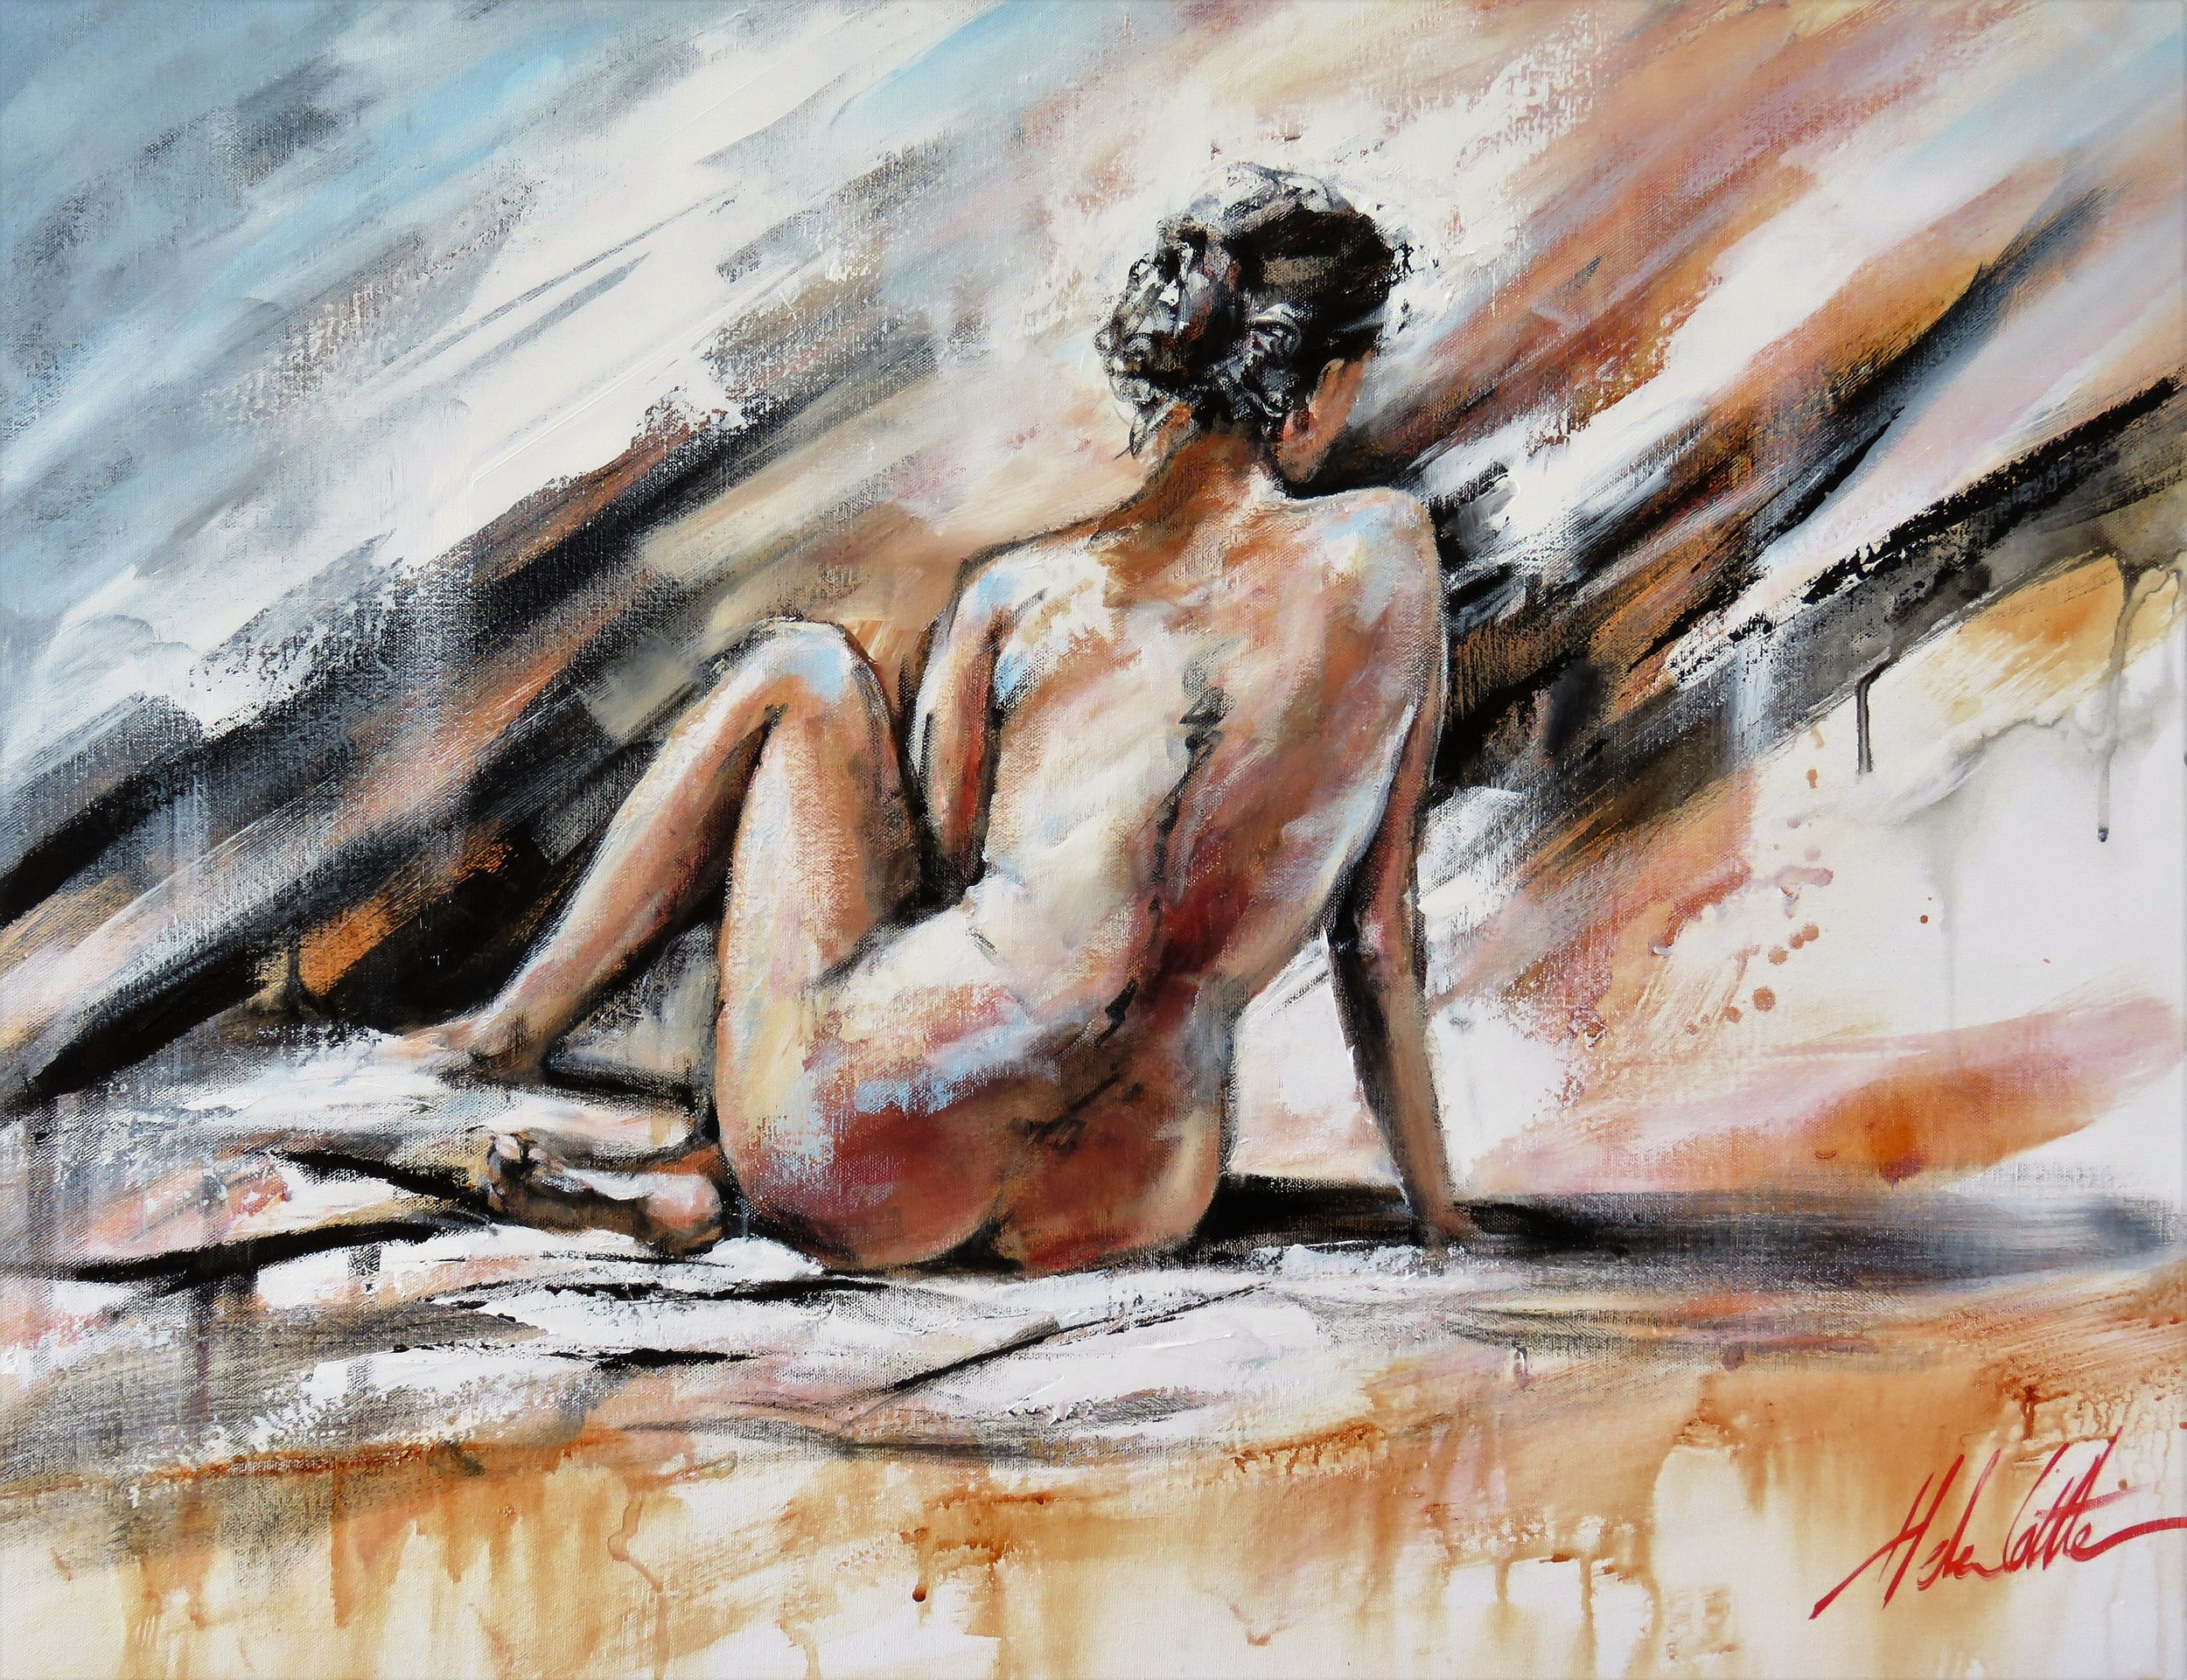 Nude Acrylic 60x80cm By Helen Cottle.JPG